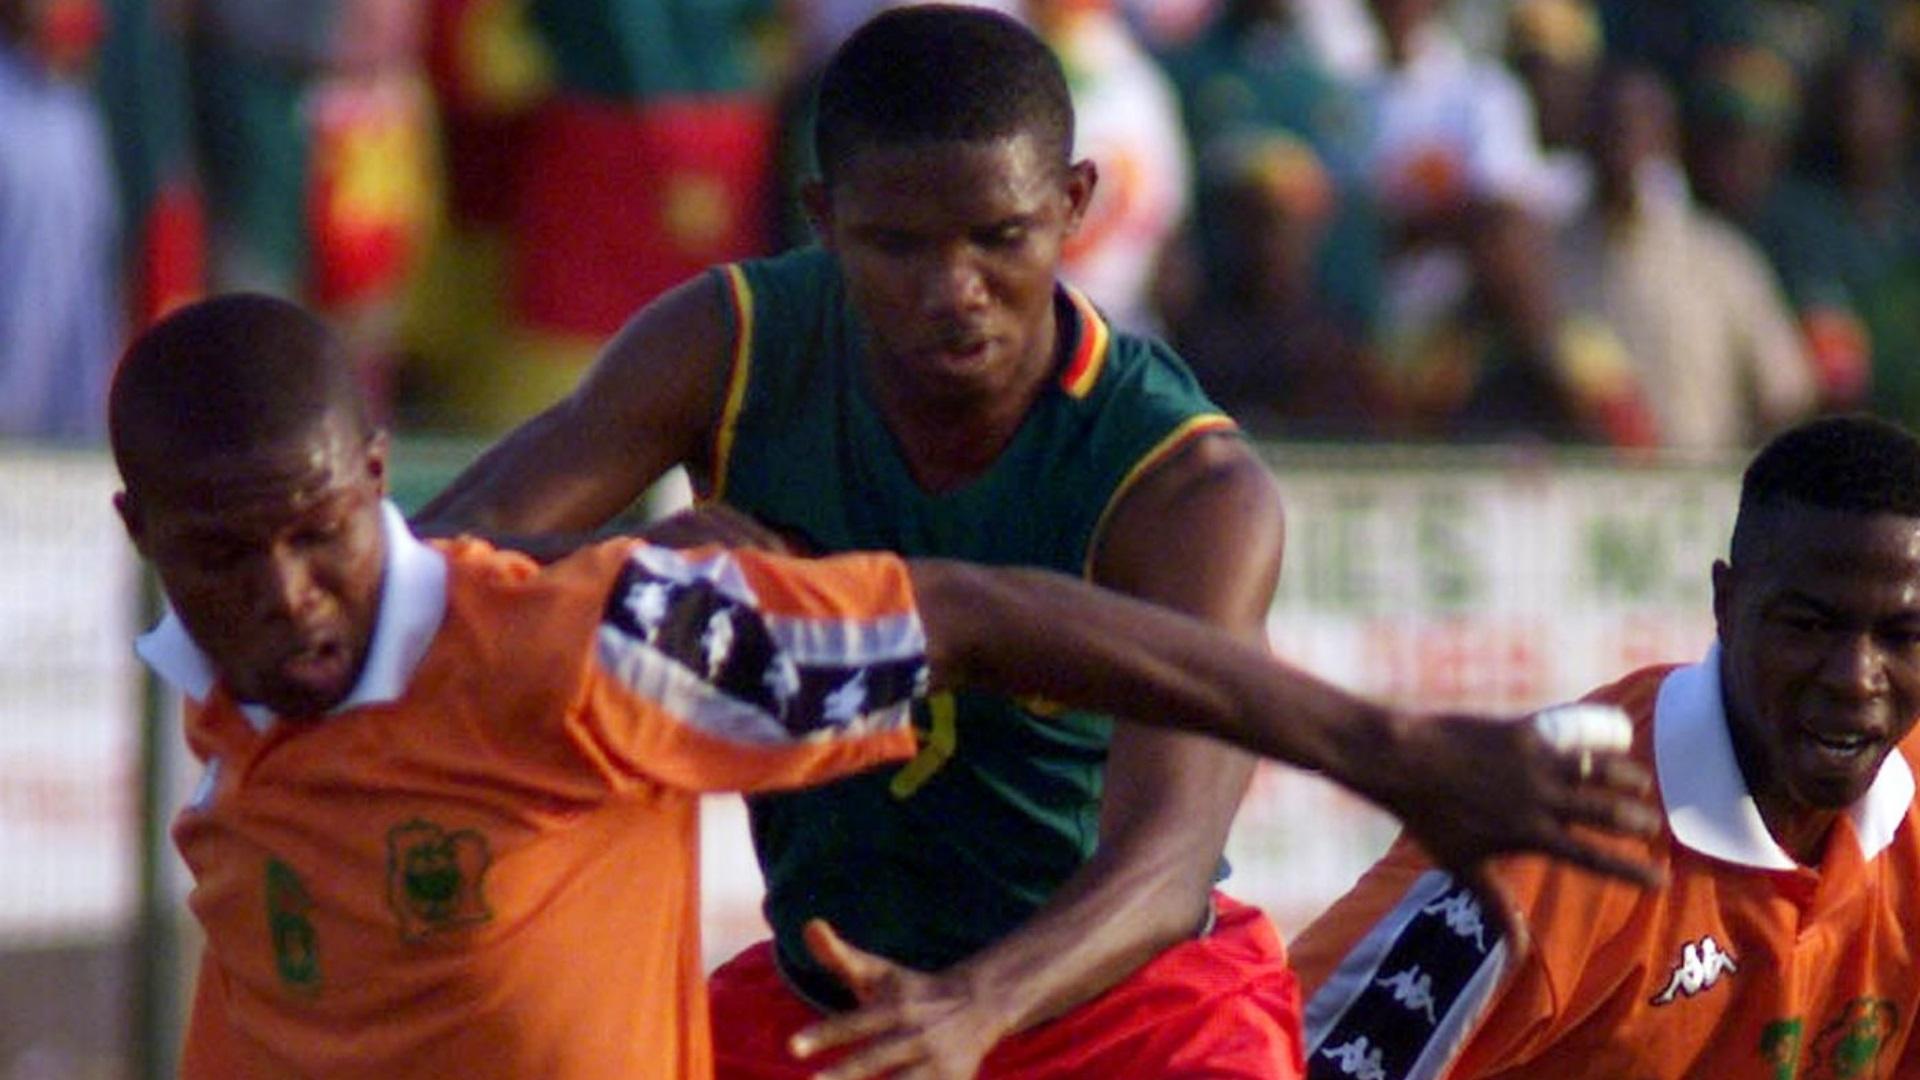 Samuel Eto'o Camarões 2002 08 11 2017